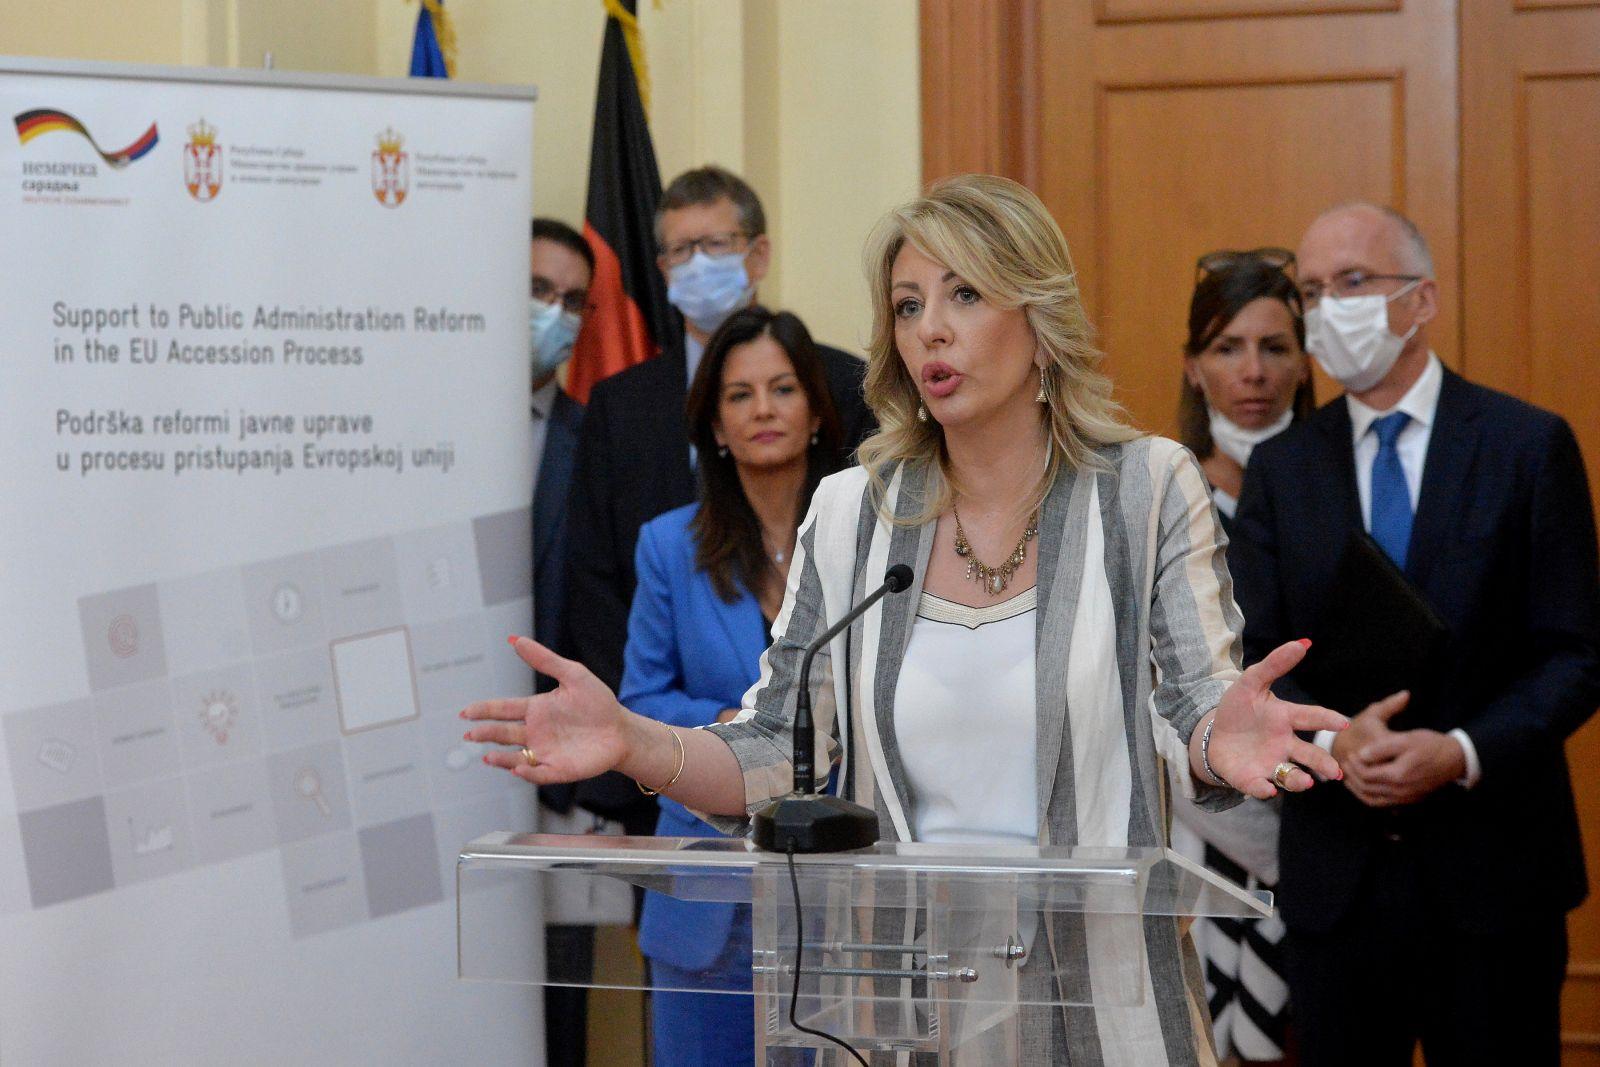 Ј. Јоксимовић: Србија наставља да јача структуре за приступни процес ЕУ